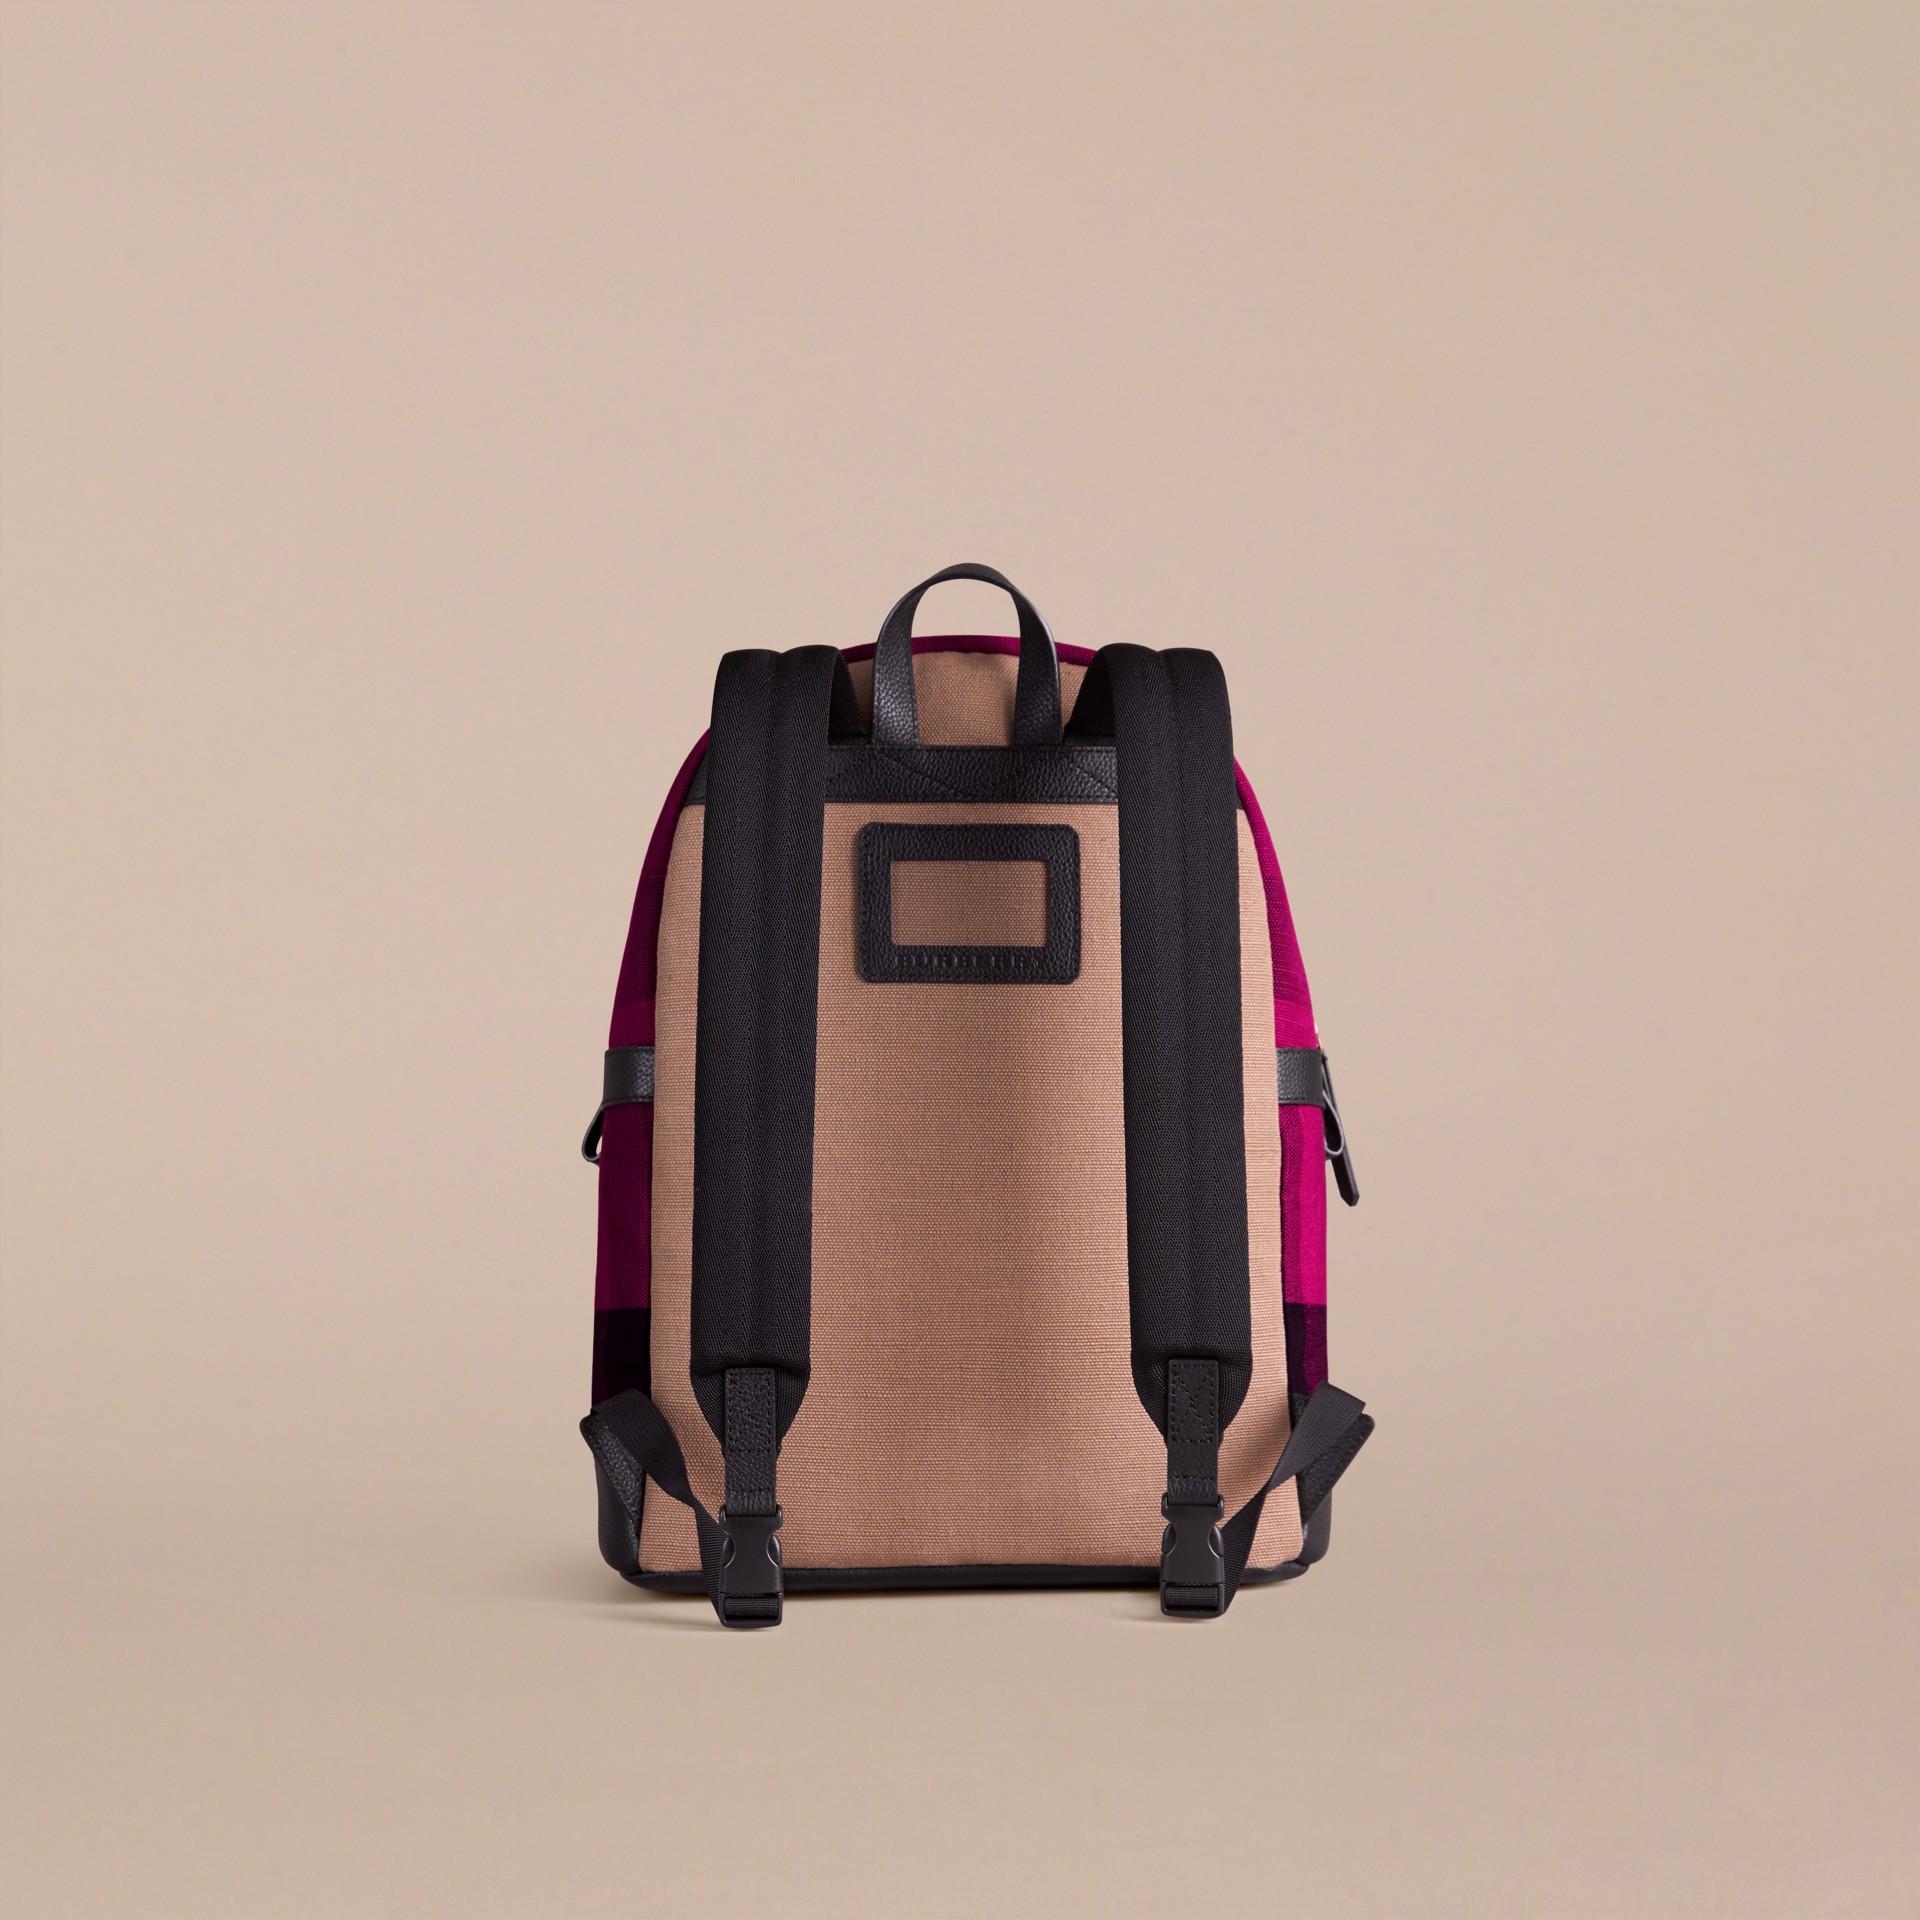 Сливовый Рюкзак в клетку Canvas Check с отделкой из кожи - изображение 3